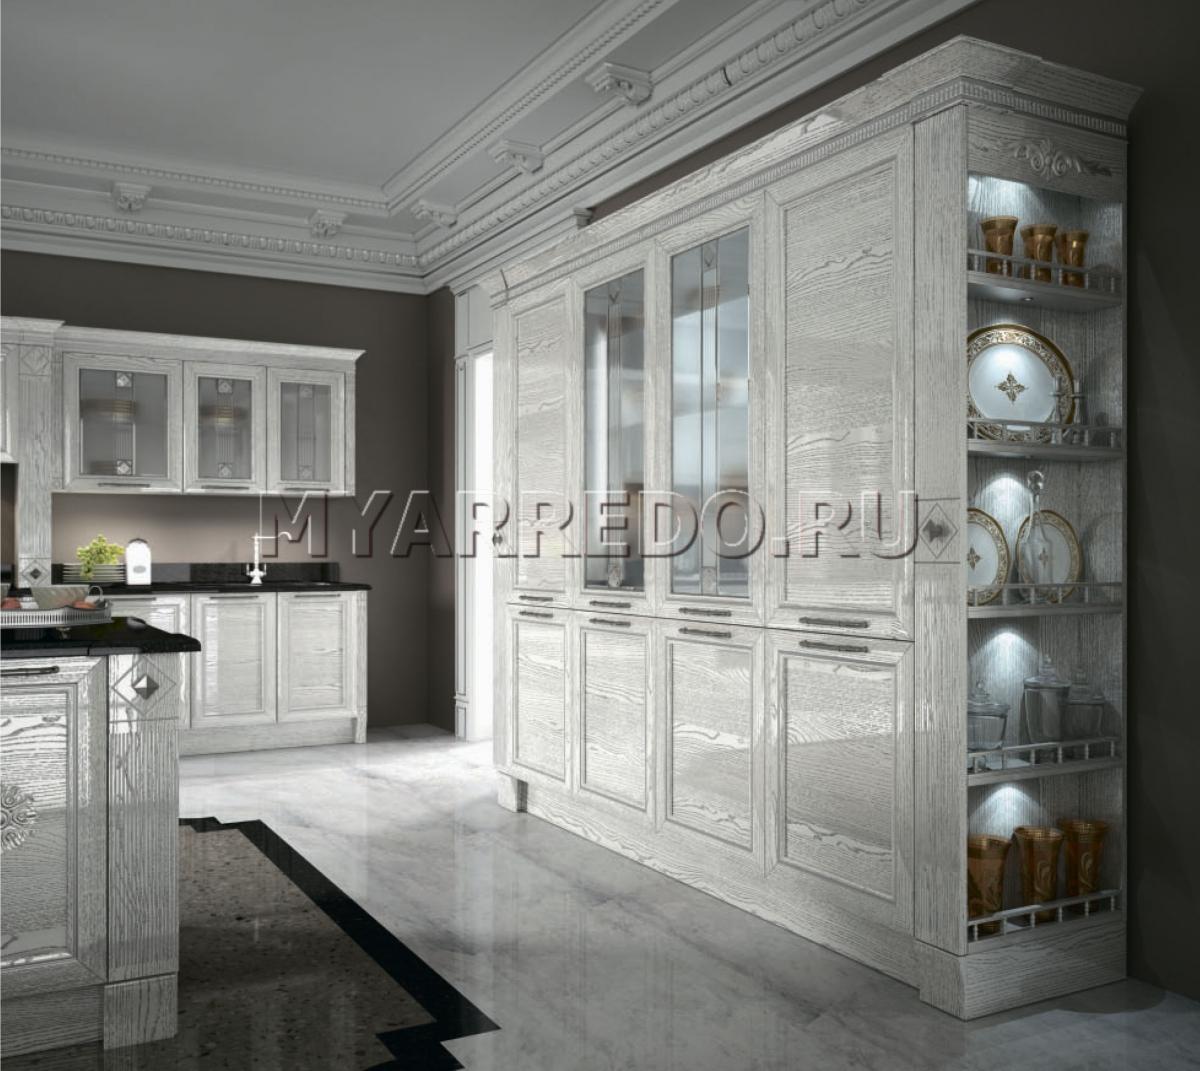 Cucina record cucine ca nova classic collection acquistare a mosca - Comprare mobili direttamente dalla fabbrica ...